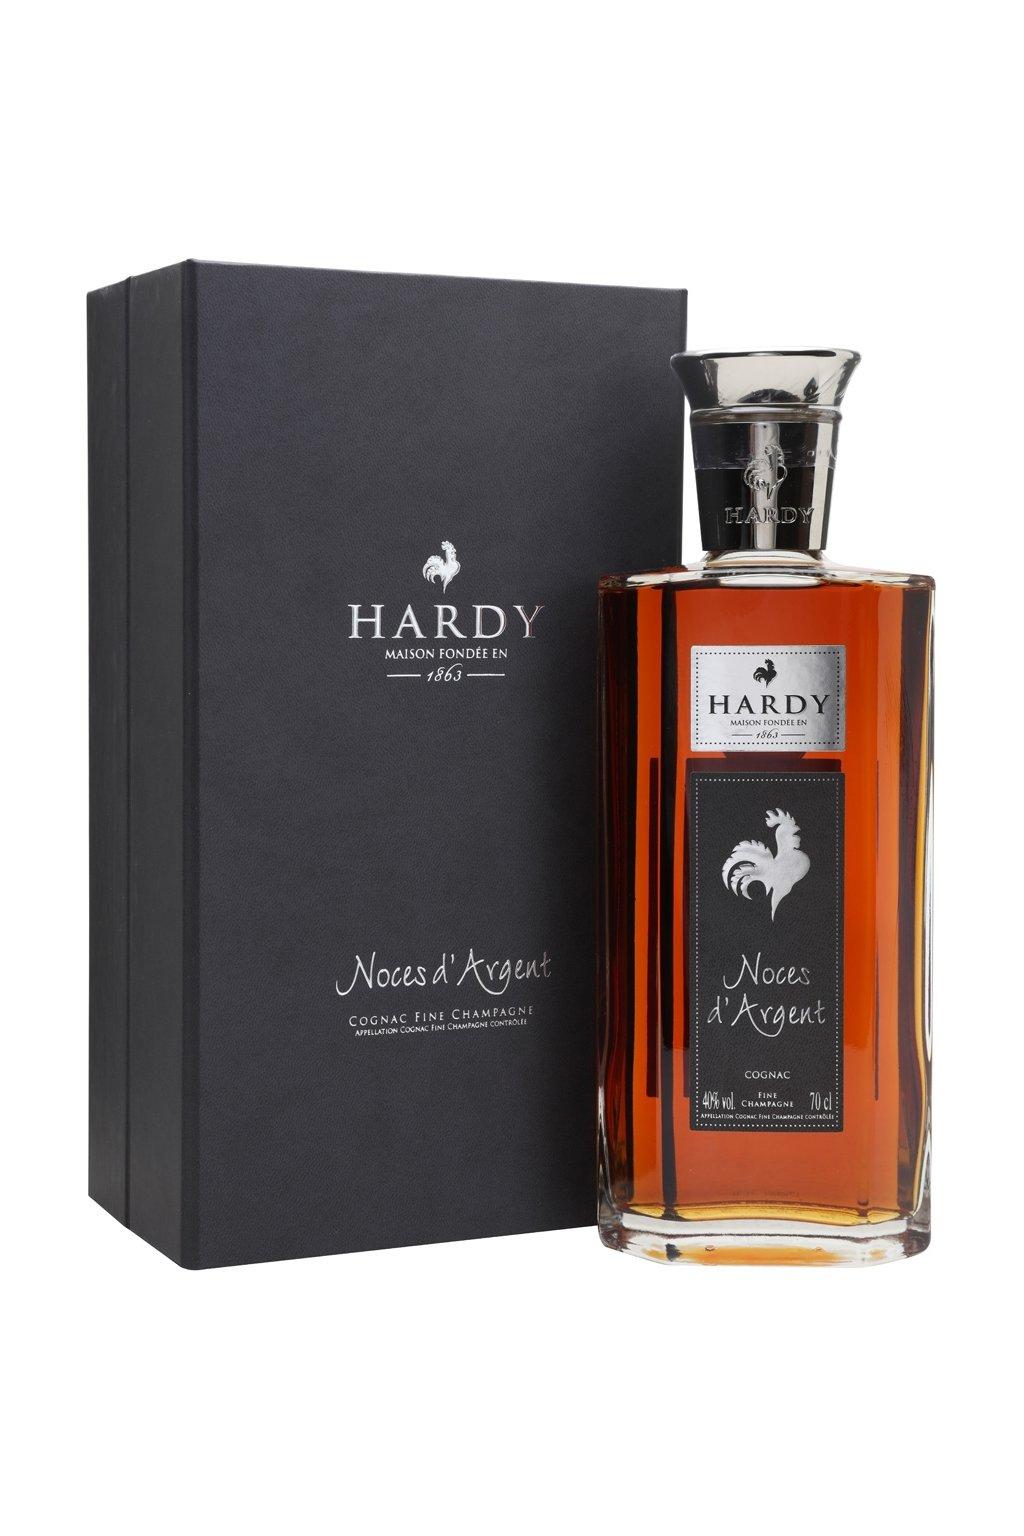 Hardy Noces d'Argent